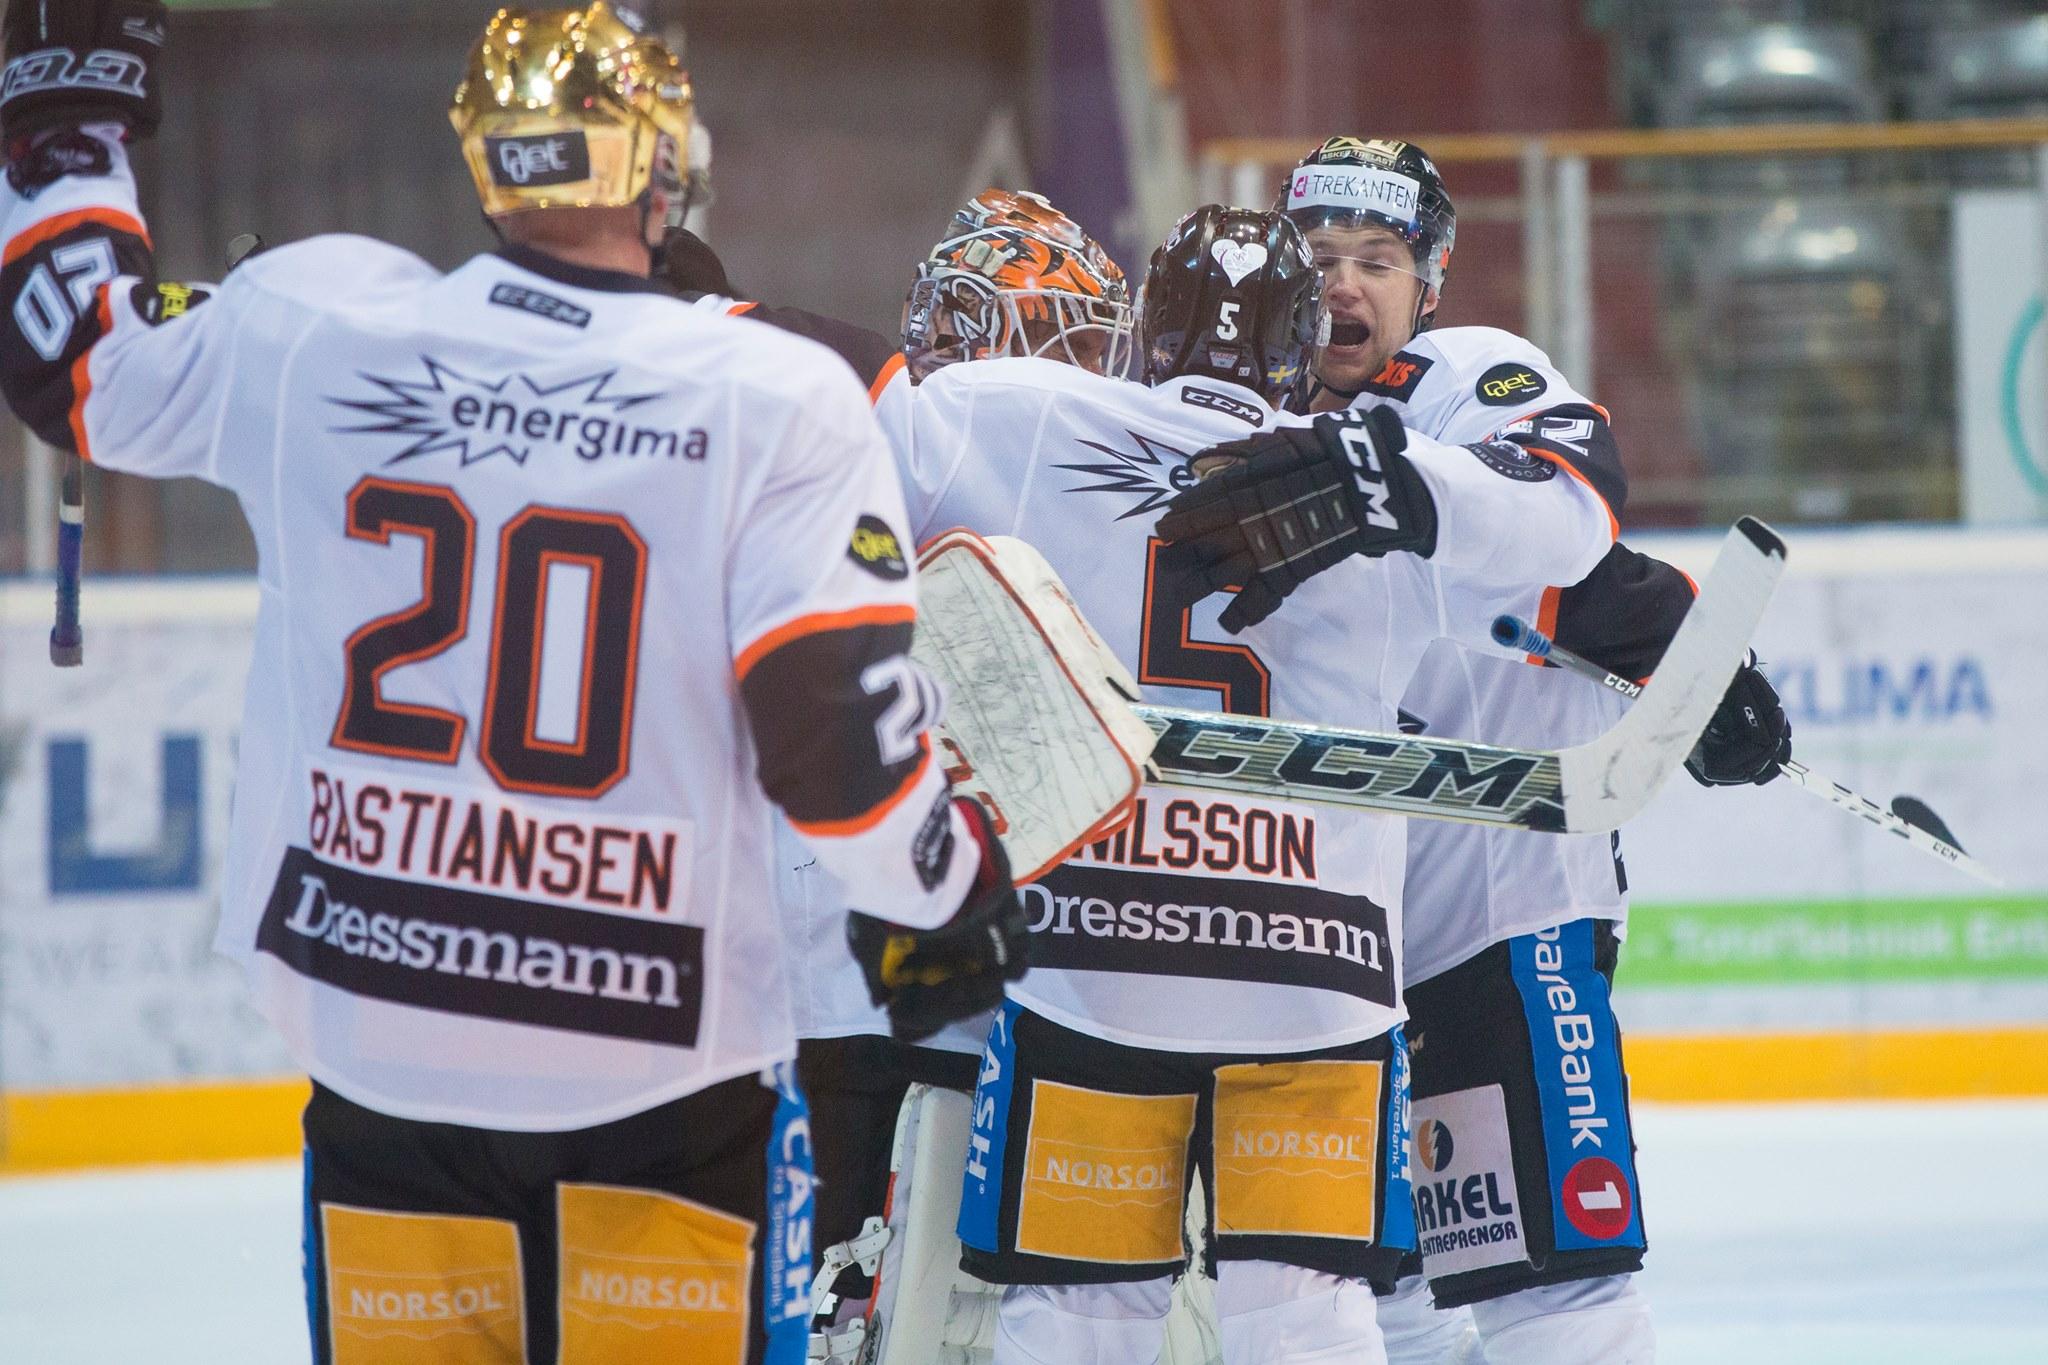 Jubel for seier mot Storhamar. Foto: Fredrik Hagen